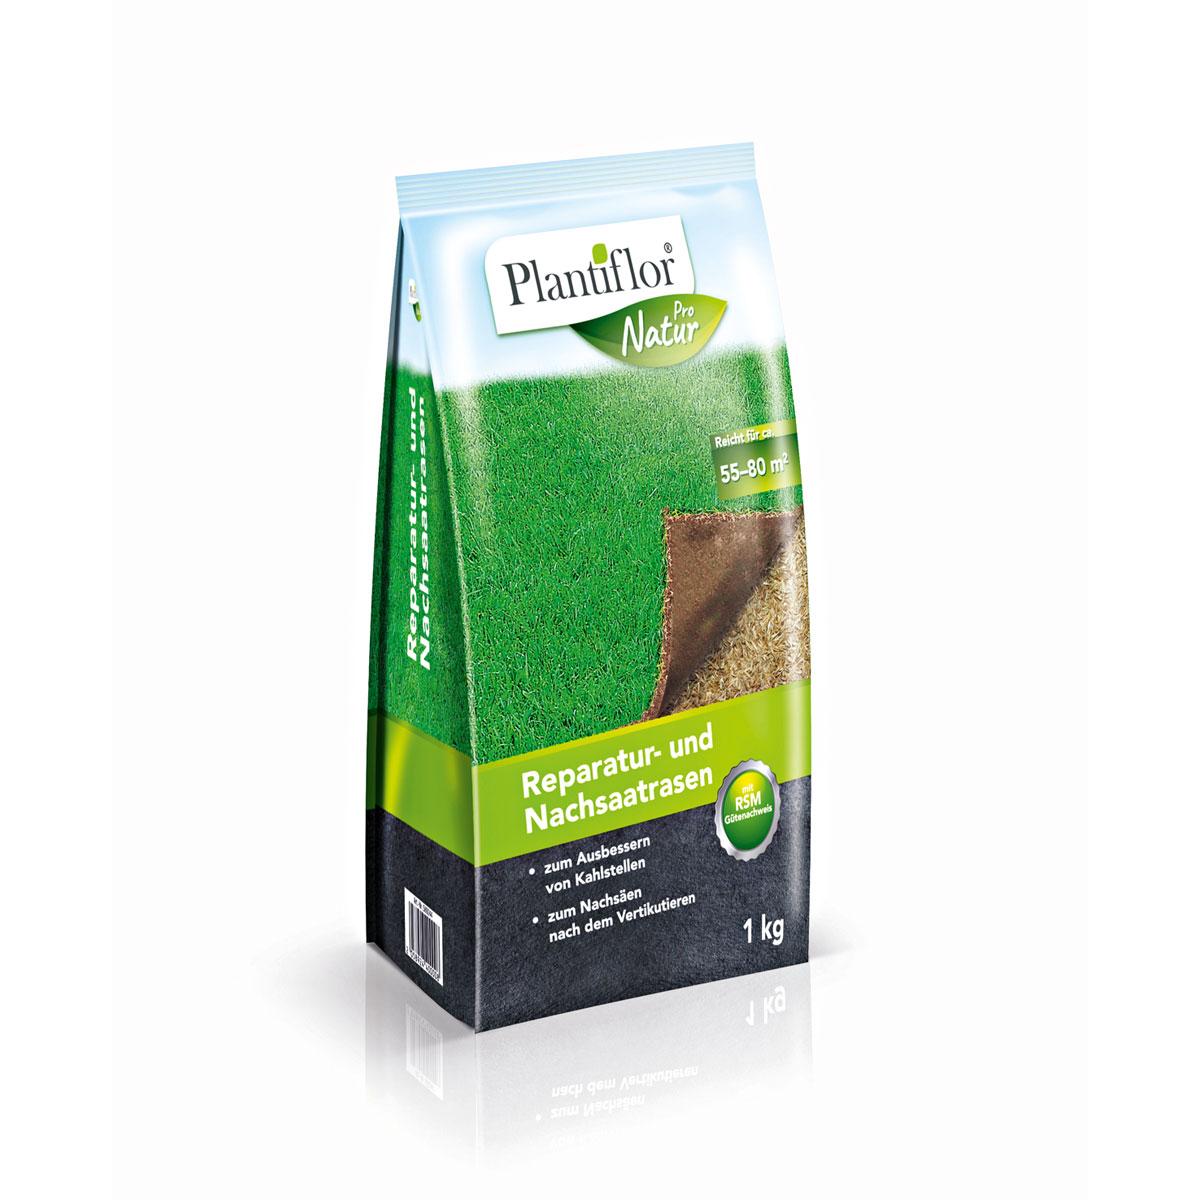 Plantiflor Reparatur- und Nachsaatrasen, 1kg